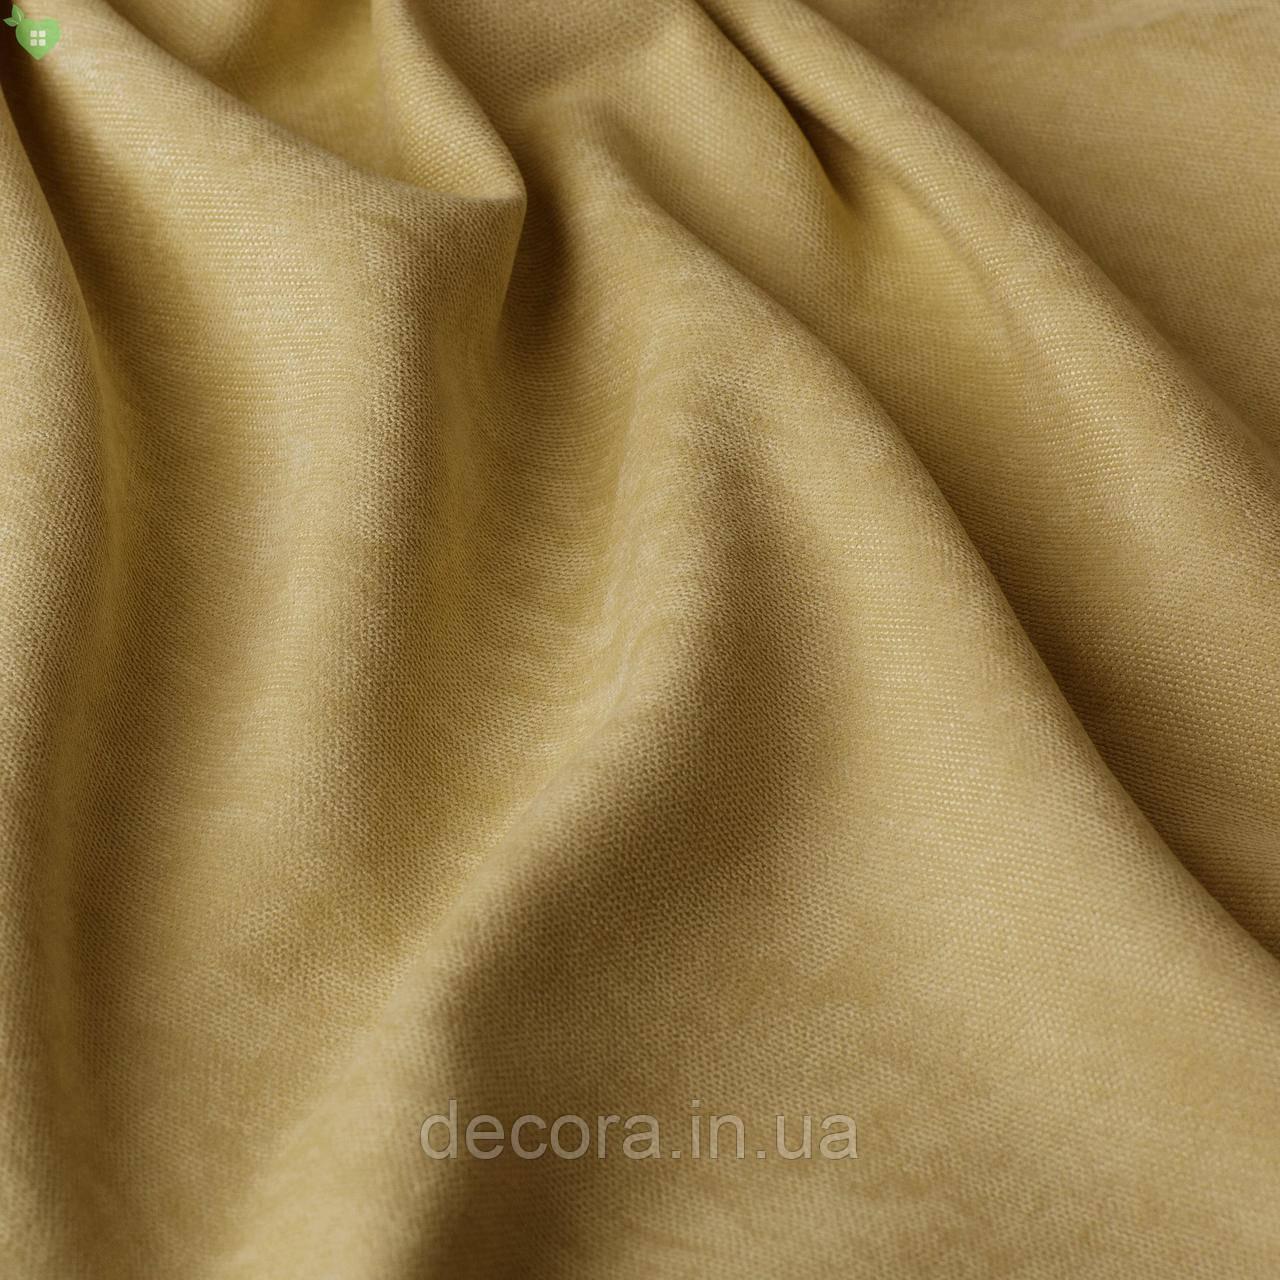 Однотонна декоративна тканина велюр білого кольору, Туреччина 121000v4